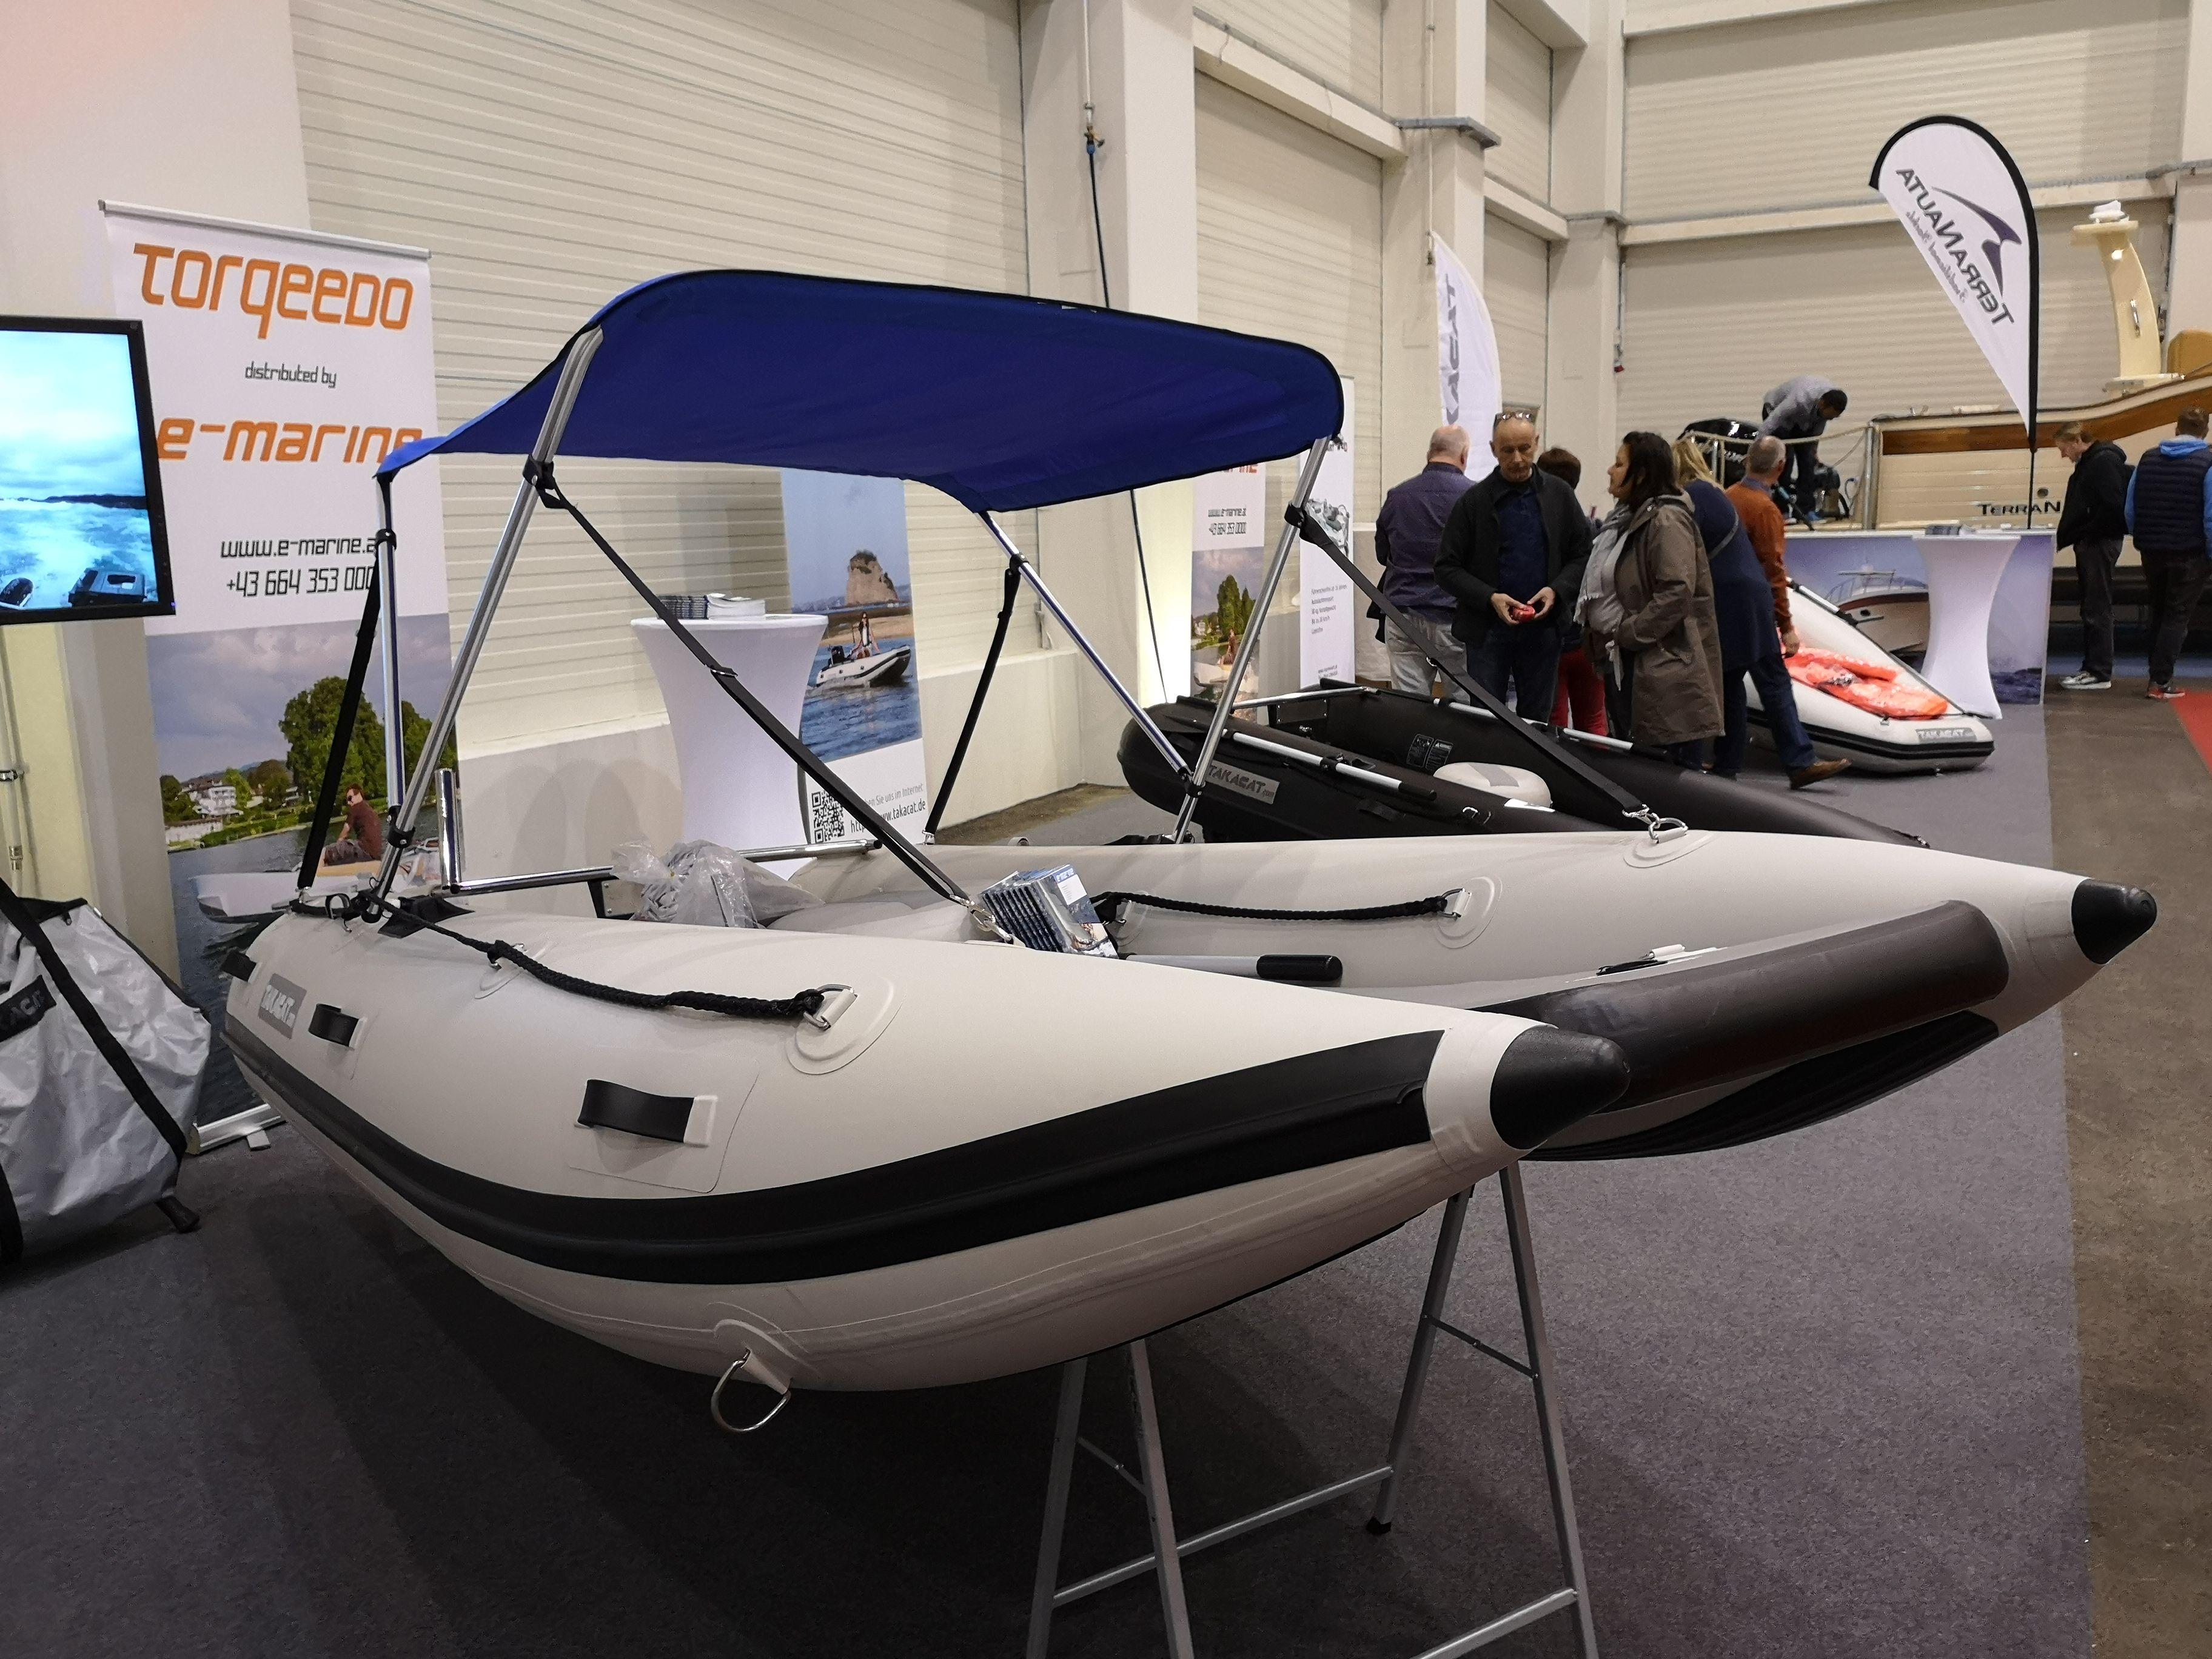 Takacat T340lx Das Katamaran Schlauchboot Mit Vielen Vorteilen Nur 34 Kg Und Geringes Packmass Sup Hochdruckboden Und Die Perfe Schlauchboot Boote Katamaran